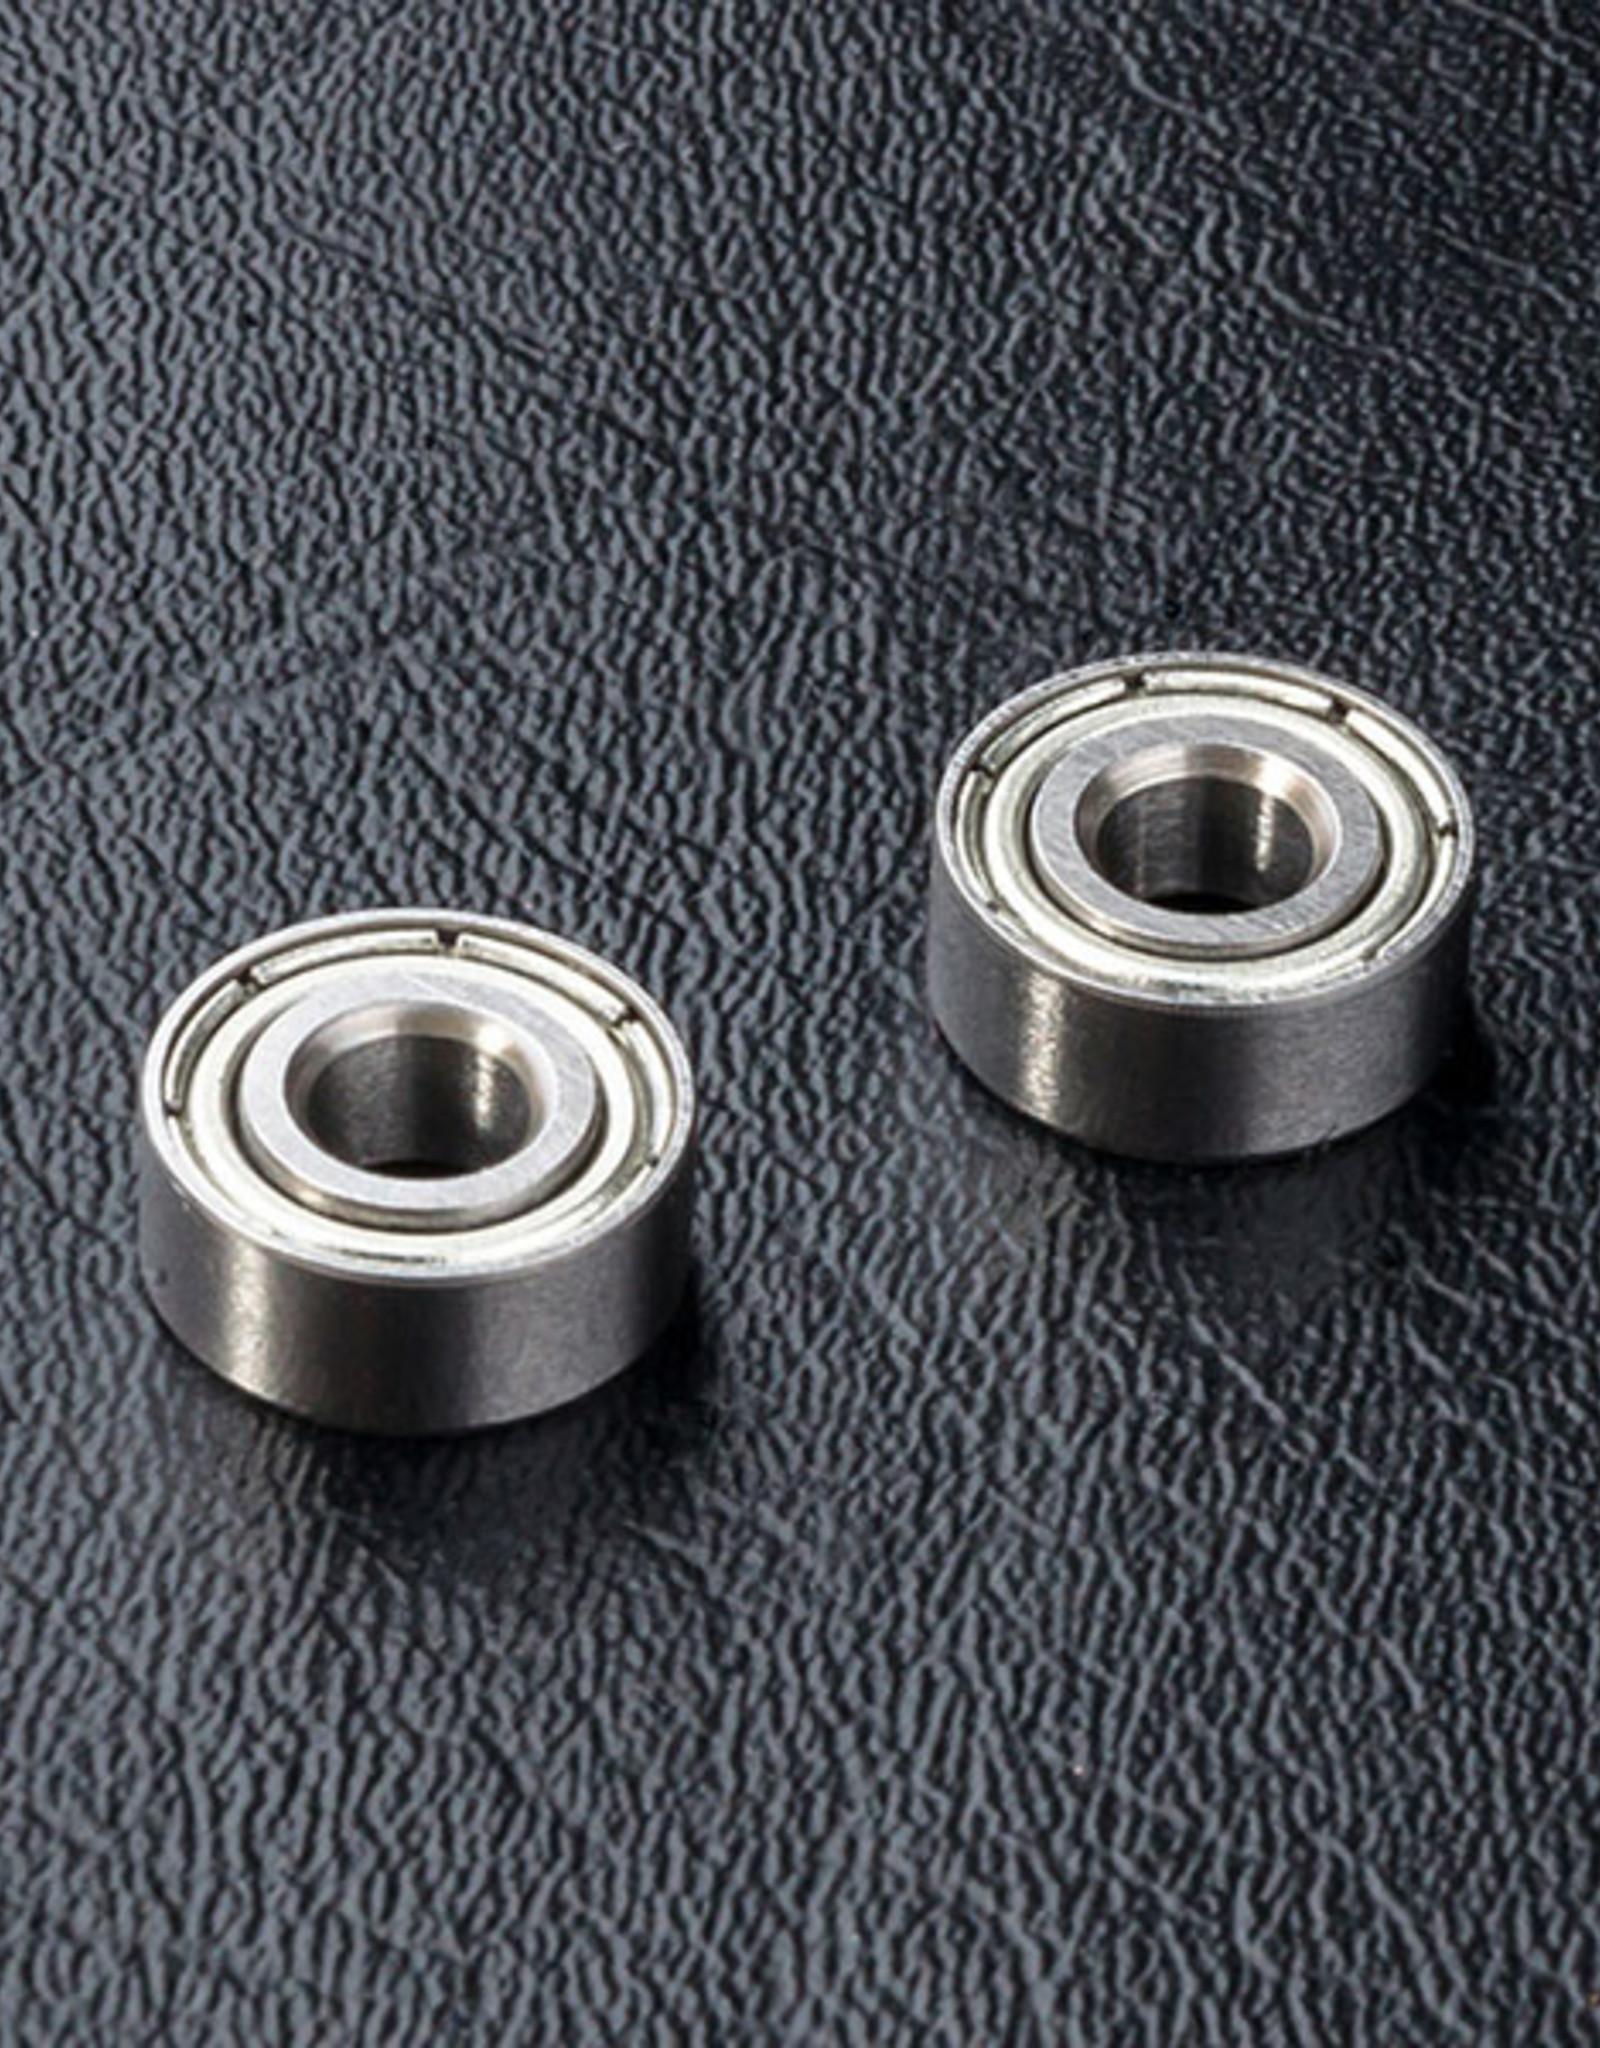 MST MXPD120018 Ball bearing 4X10X4 (2) by MST